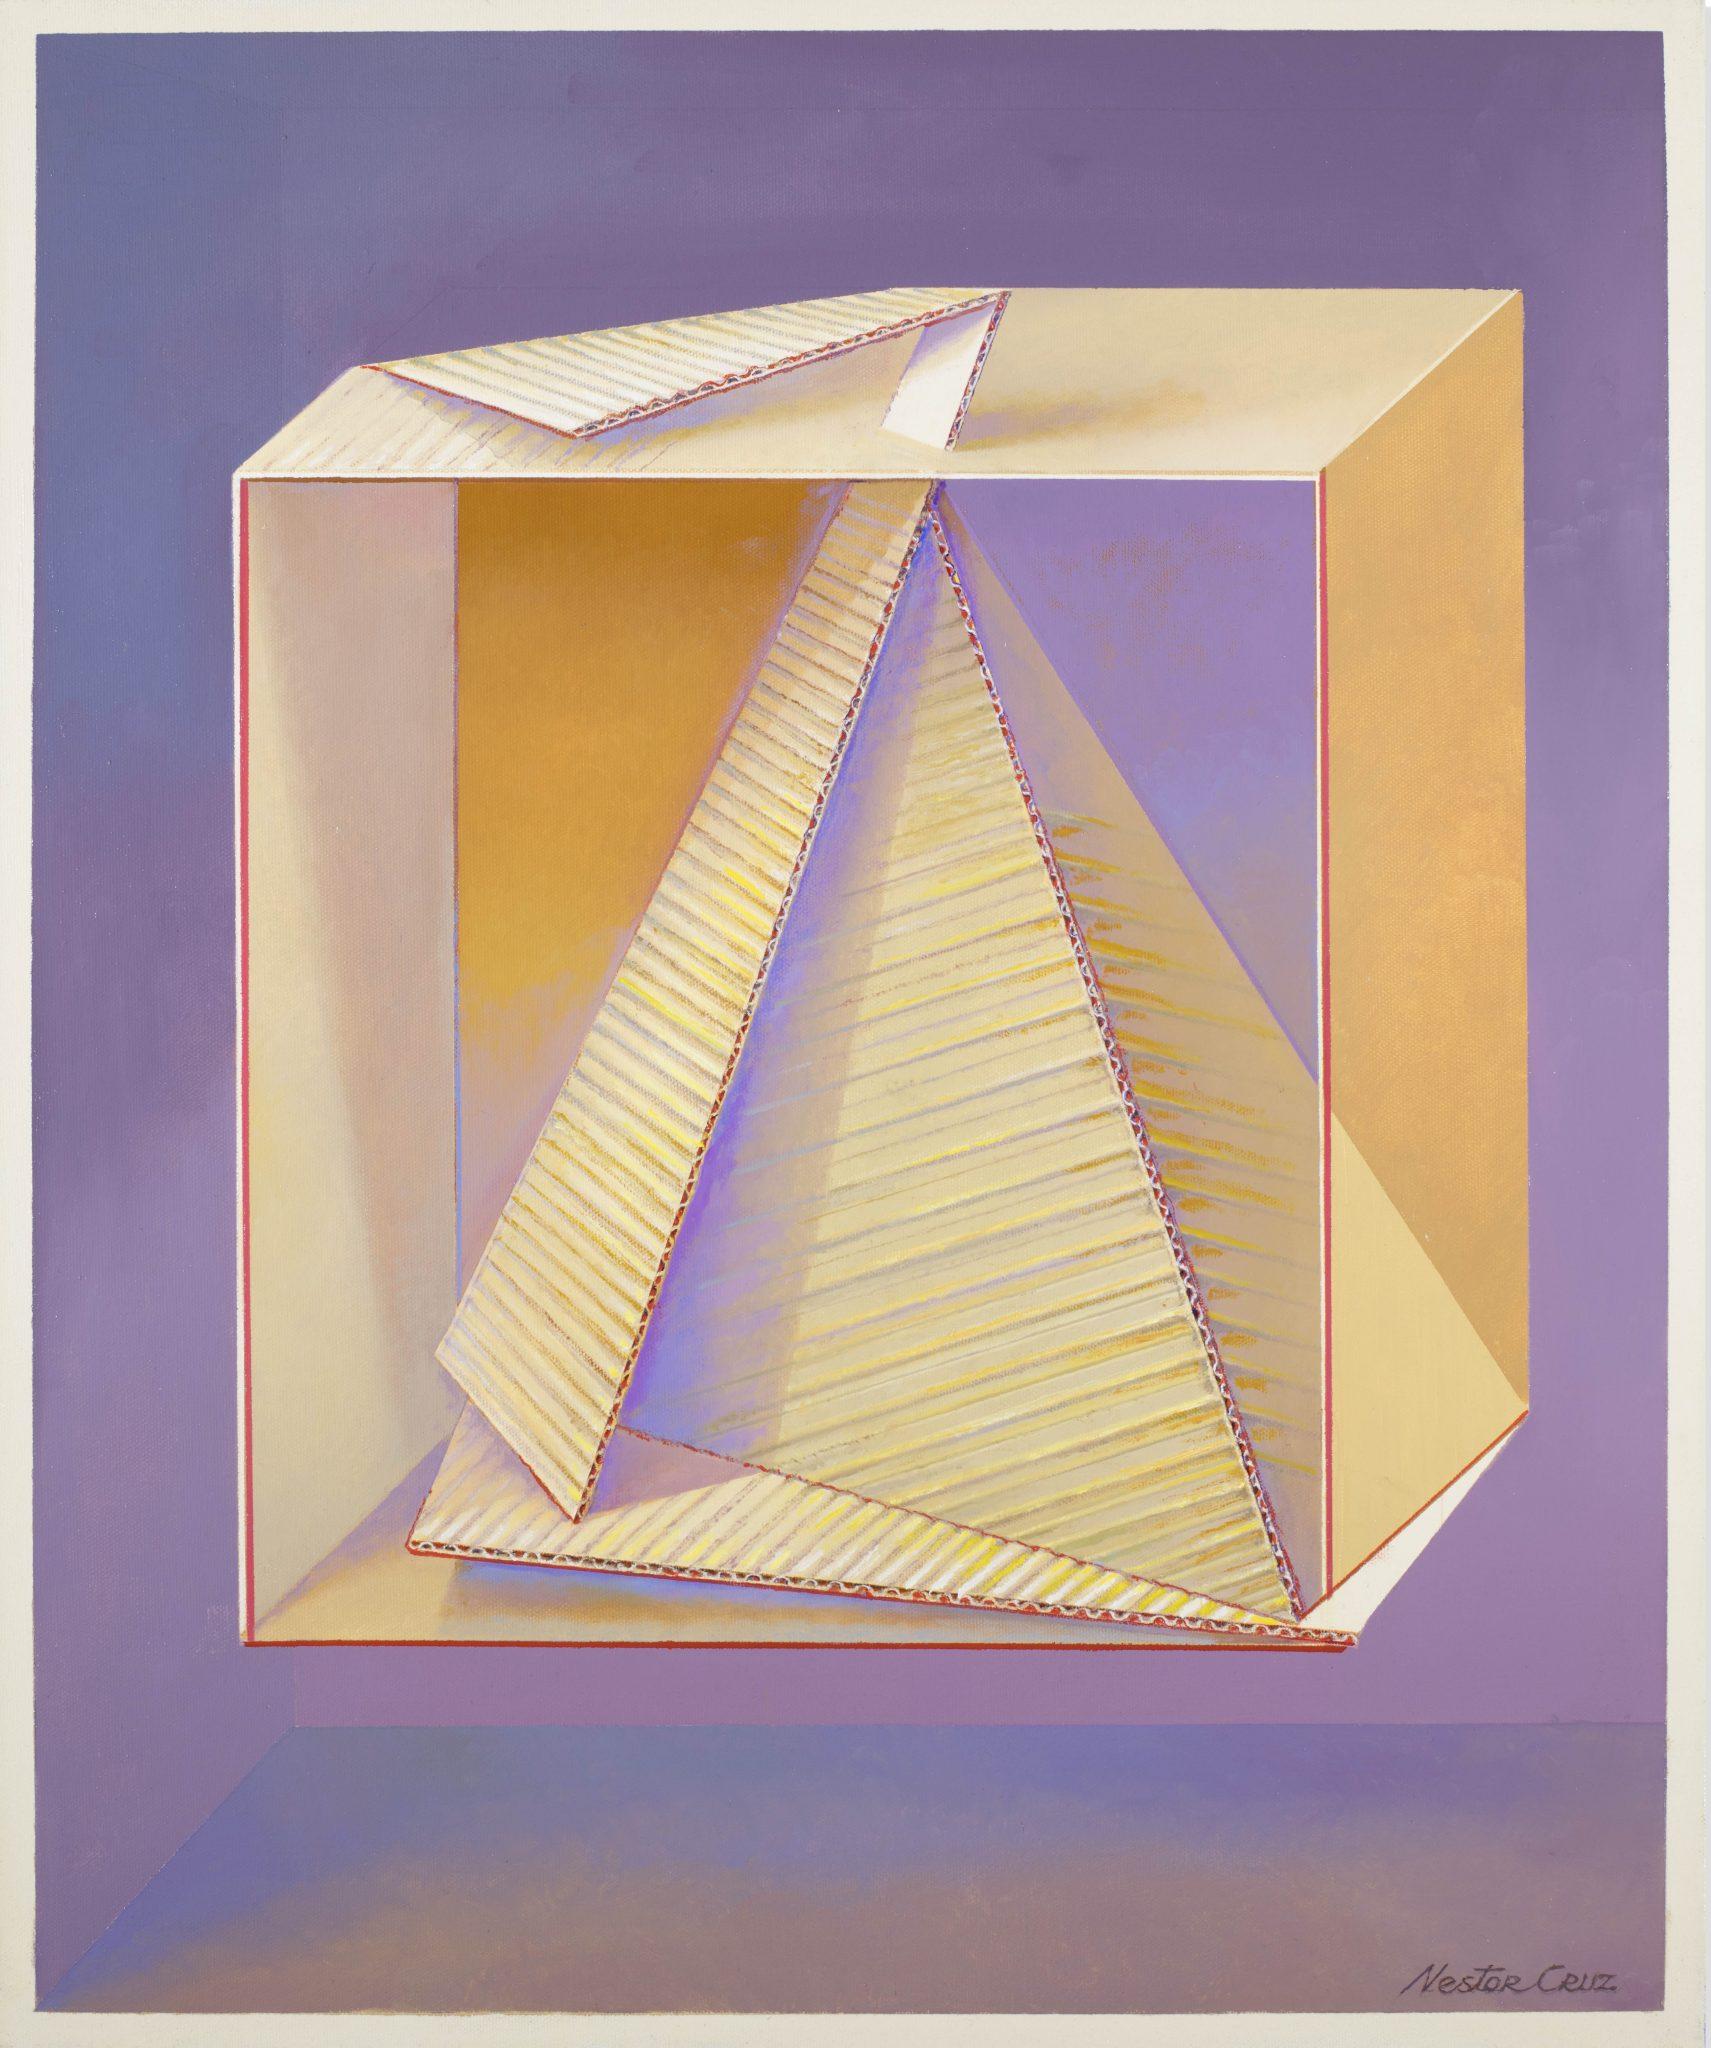 Néstor Cruz - Tetraedro volviendo a ser cubo